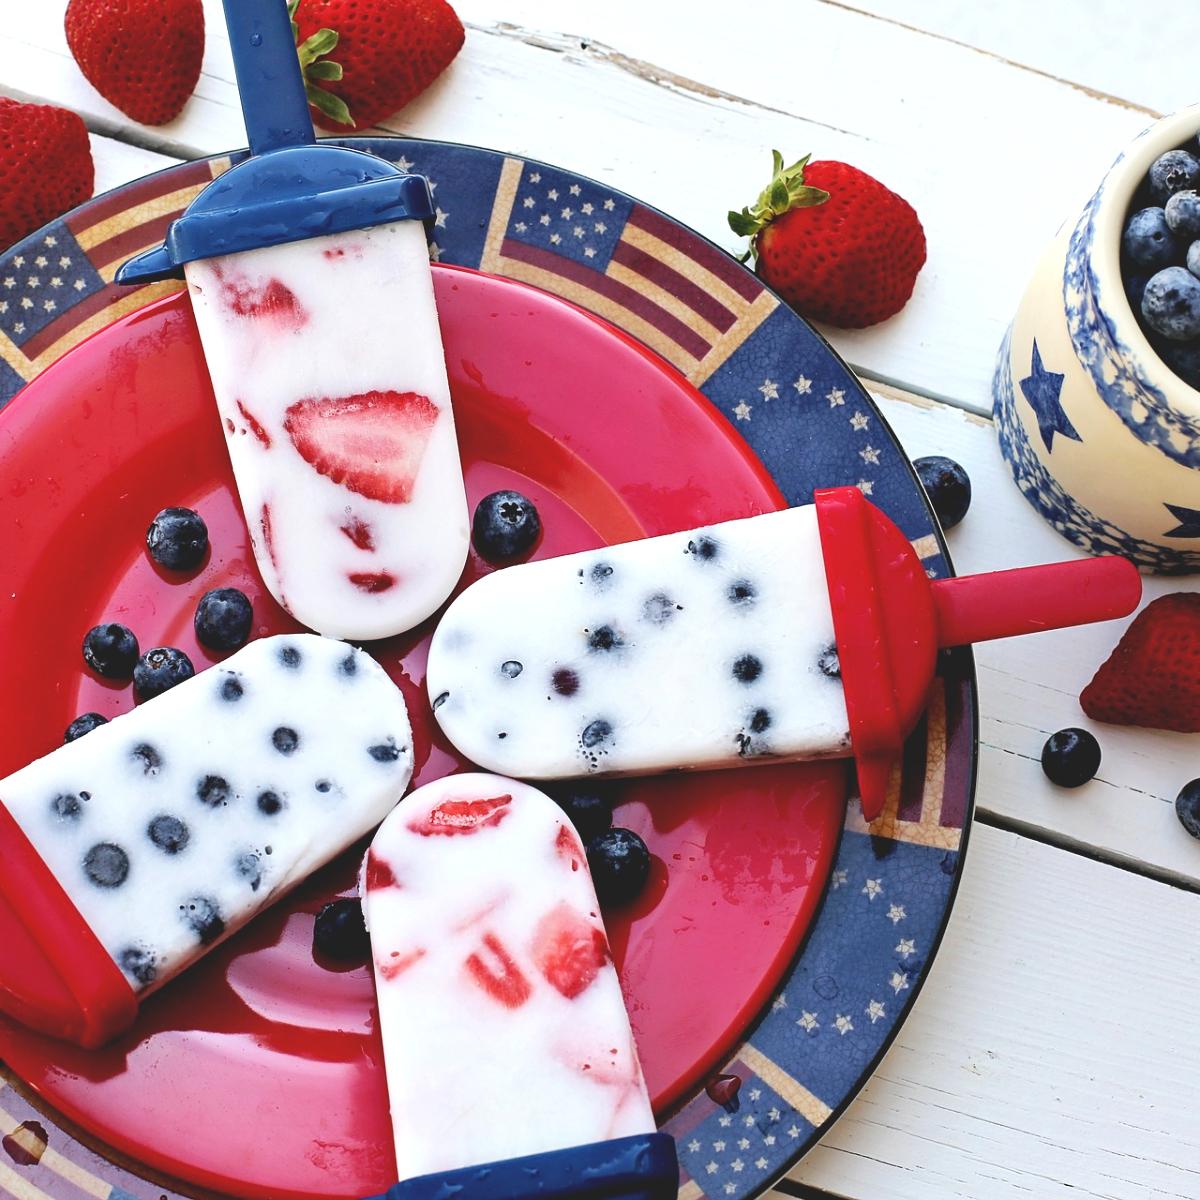 簡単手作り!おいしそうなアイスキャンディーソープの作り方と材料